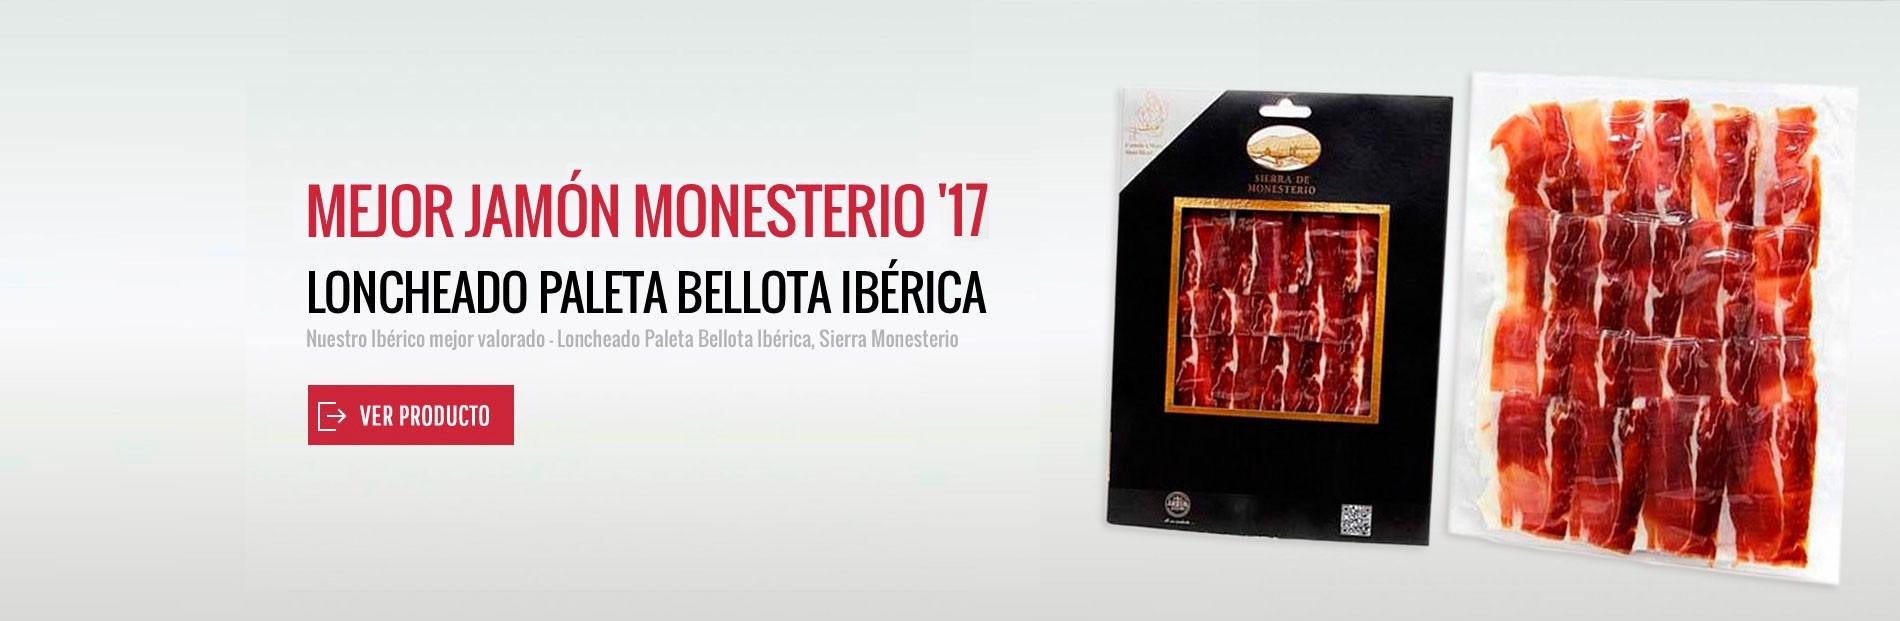 Comprar Paleta Ibérica de Bellota, Sierra Monesterio - Loncheado